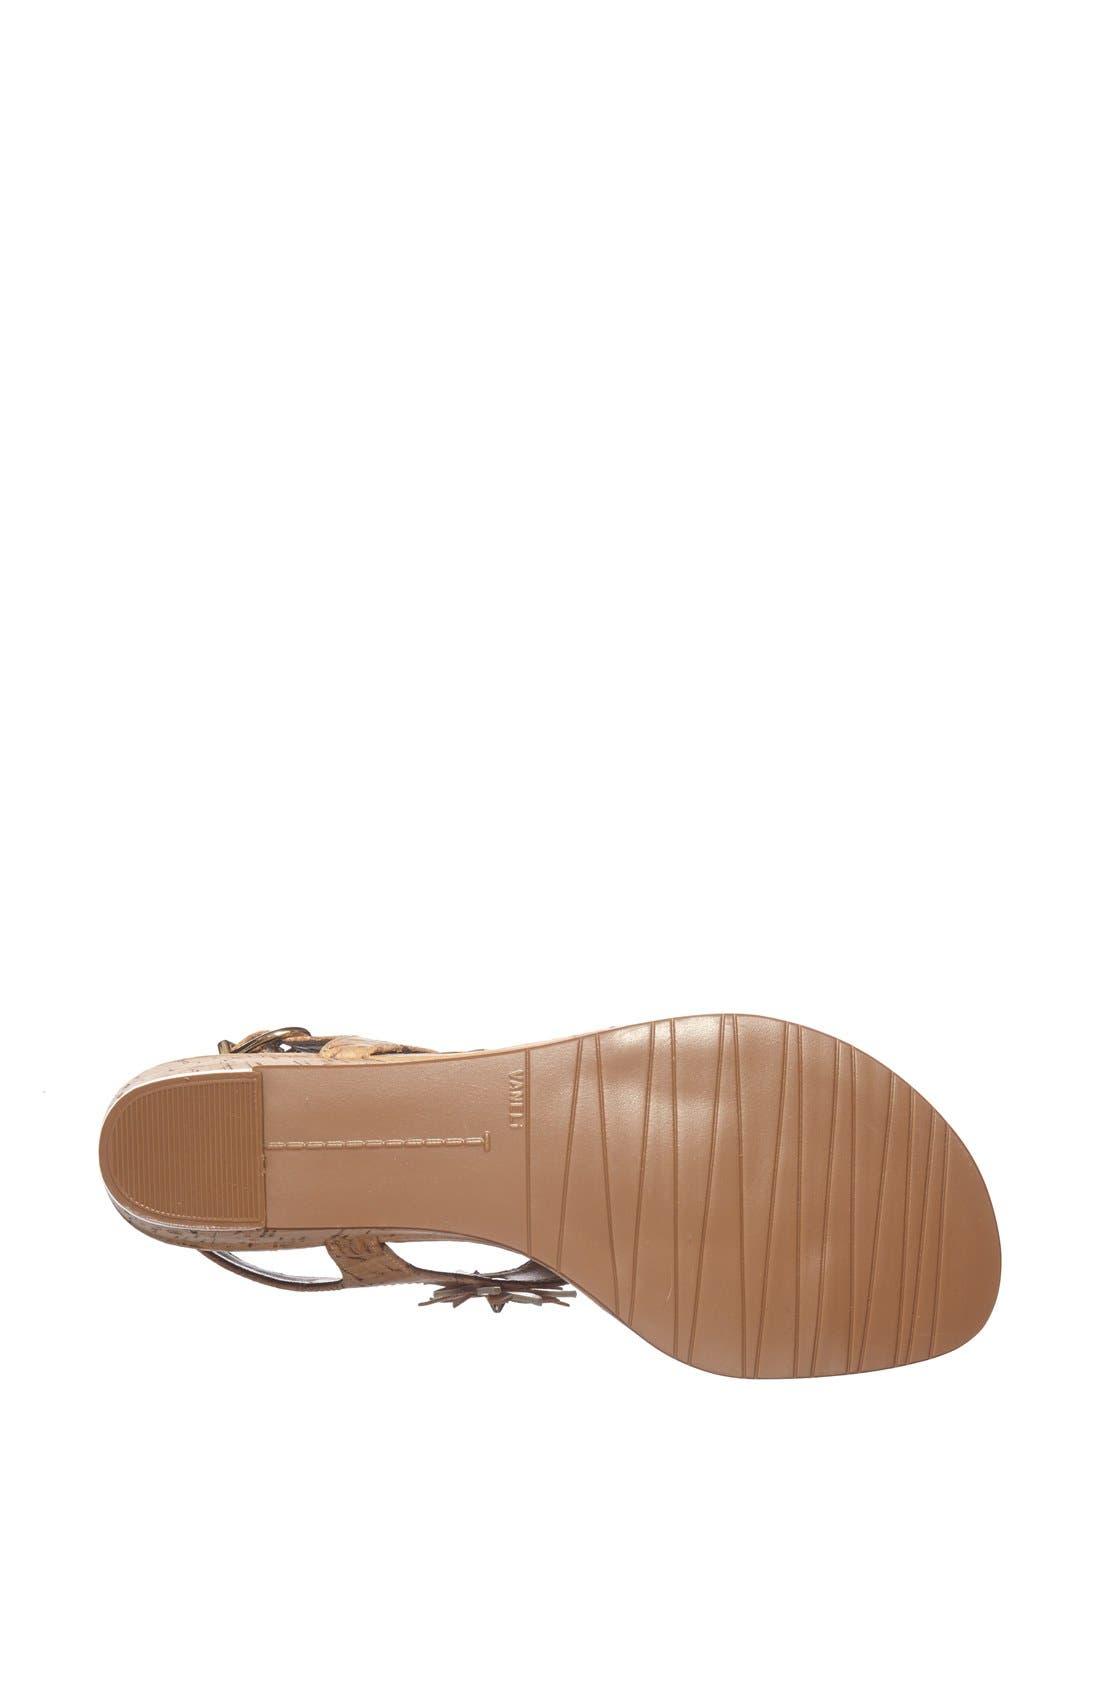 Alternate Image 3  - VANELi 'Kenan' Wedge Thong Sandal